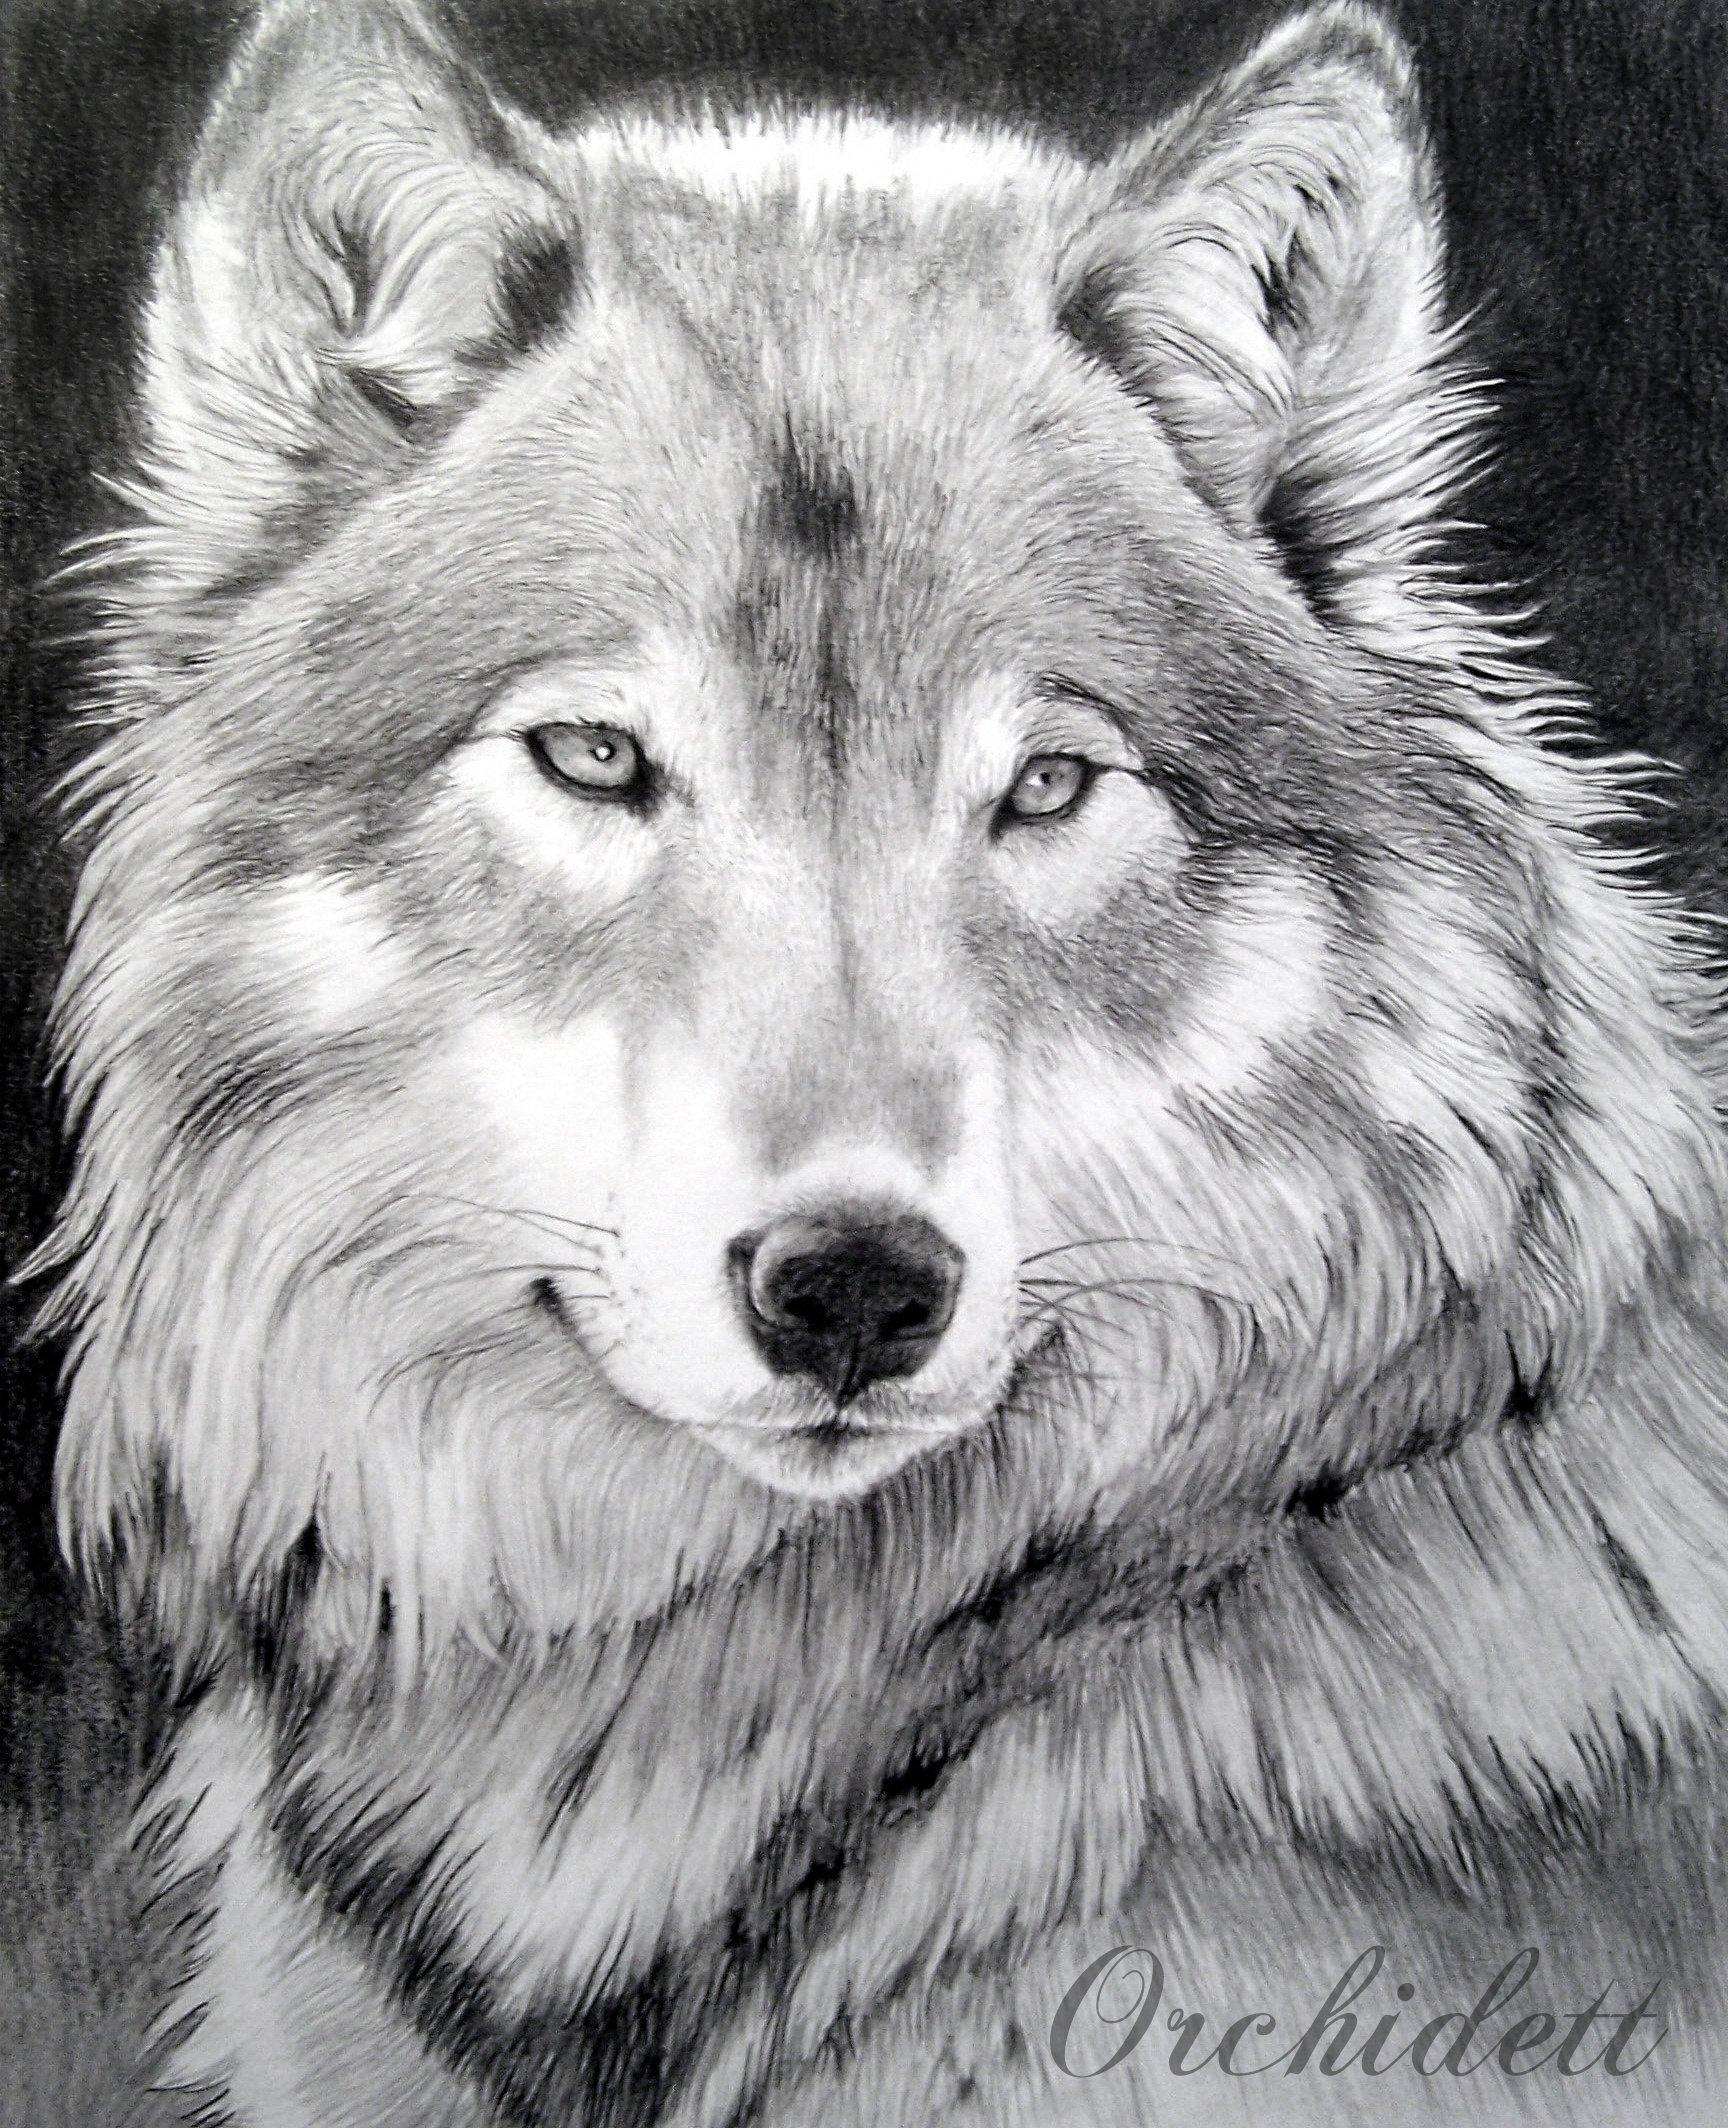 спортивных комплексах картинки волки черно-белые карандаш признается, что